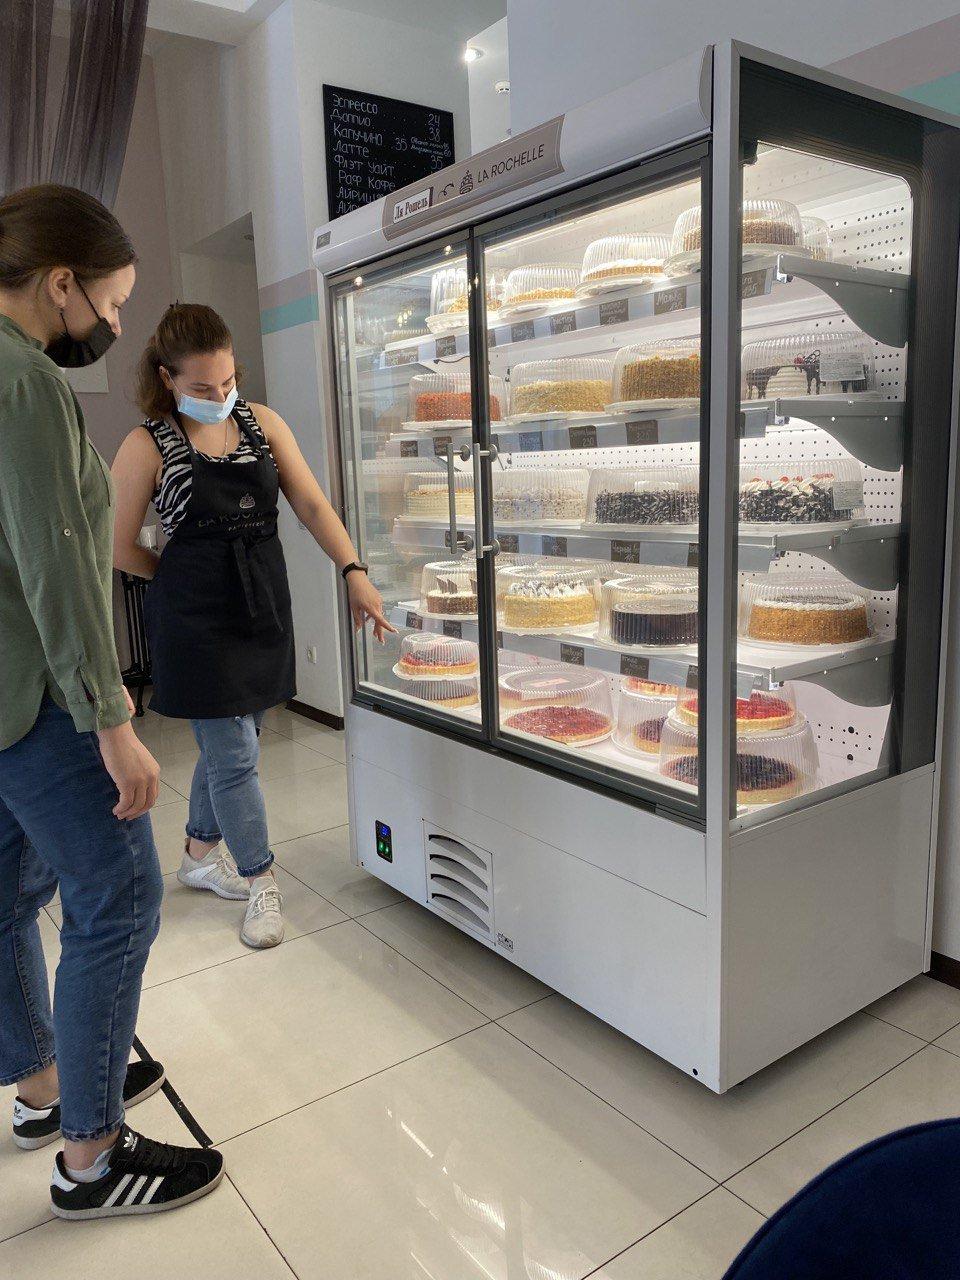 Кондитерские Мариуполя: летние новинки и топовые десерты, фото-2